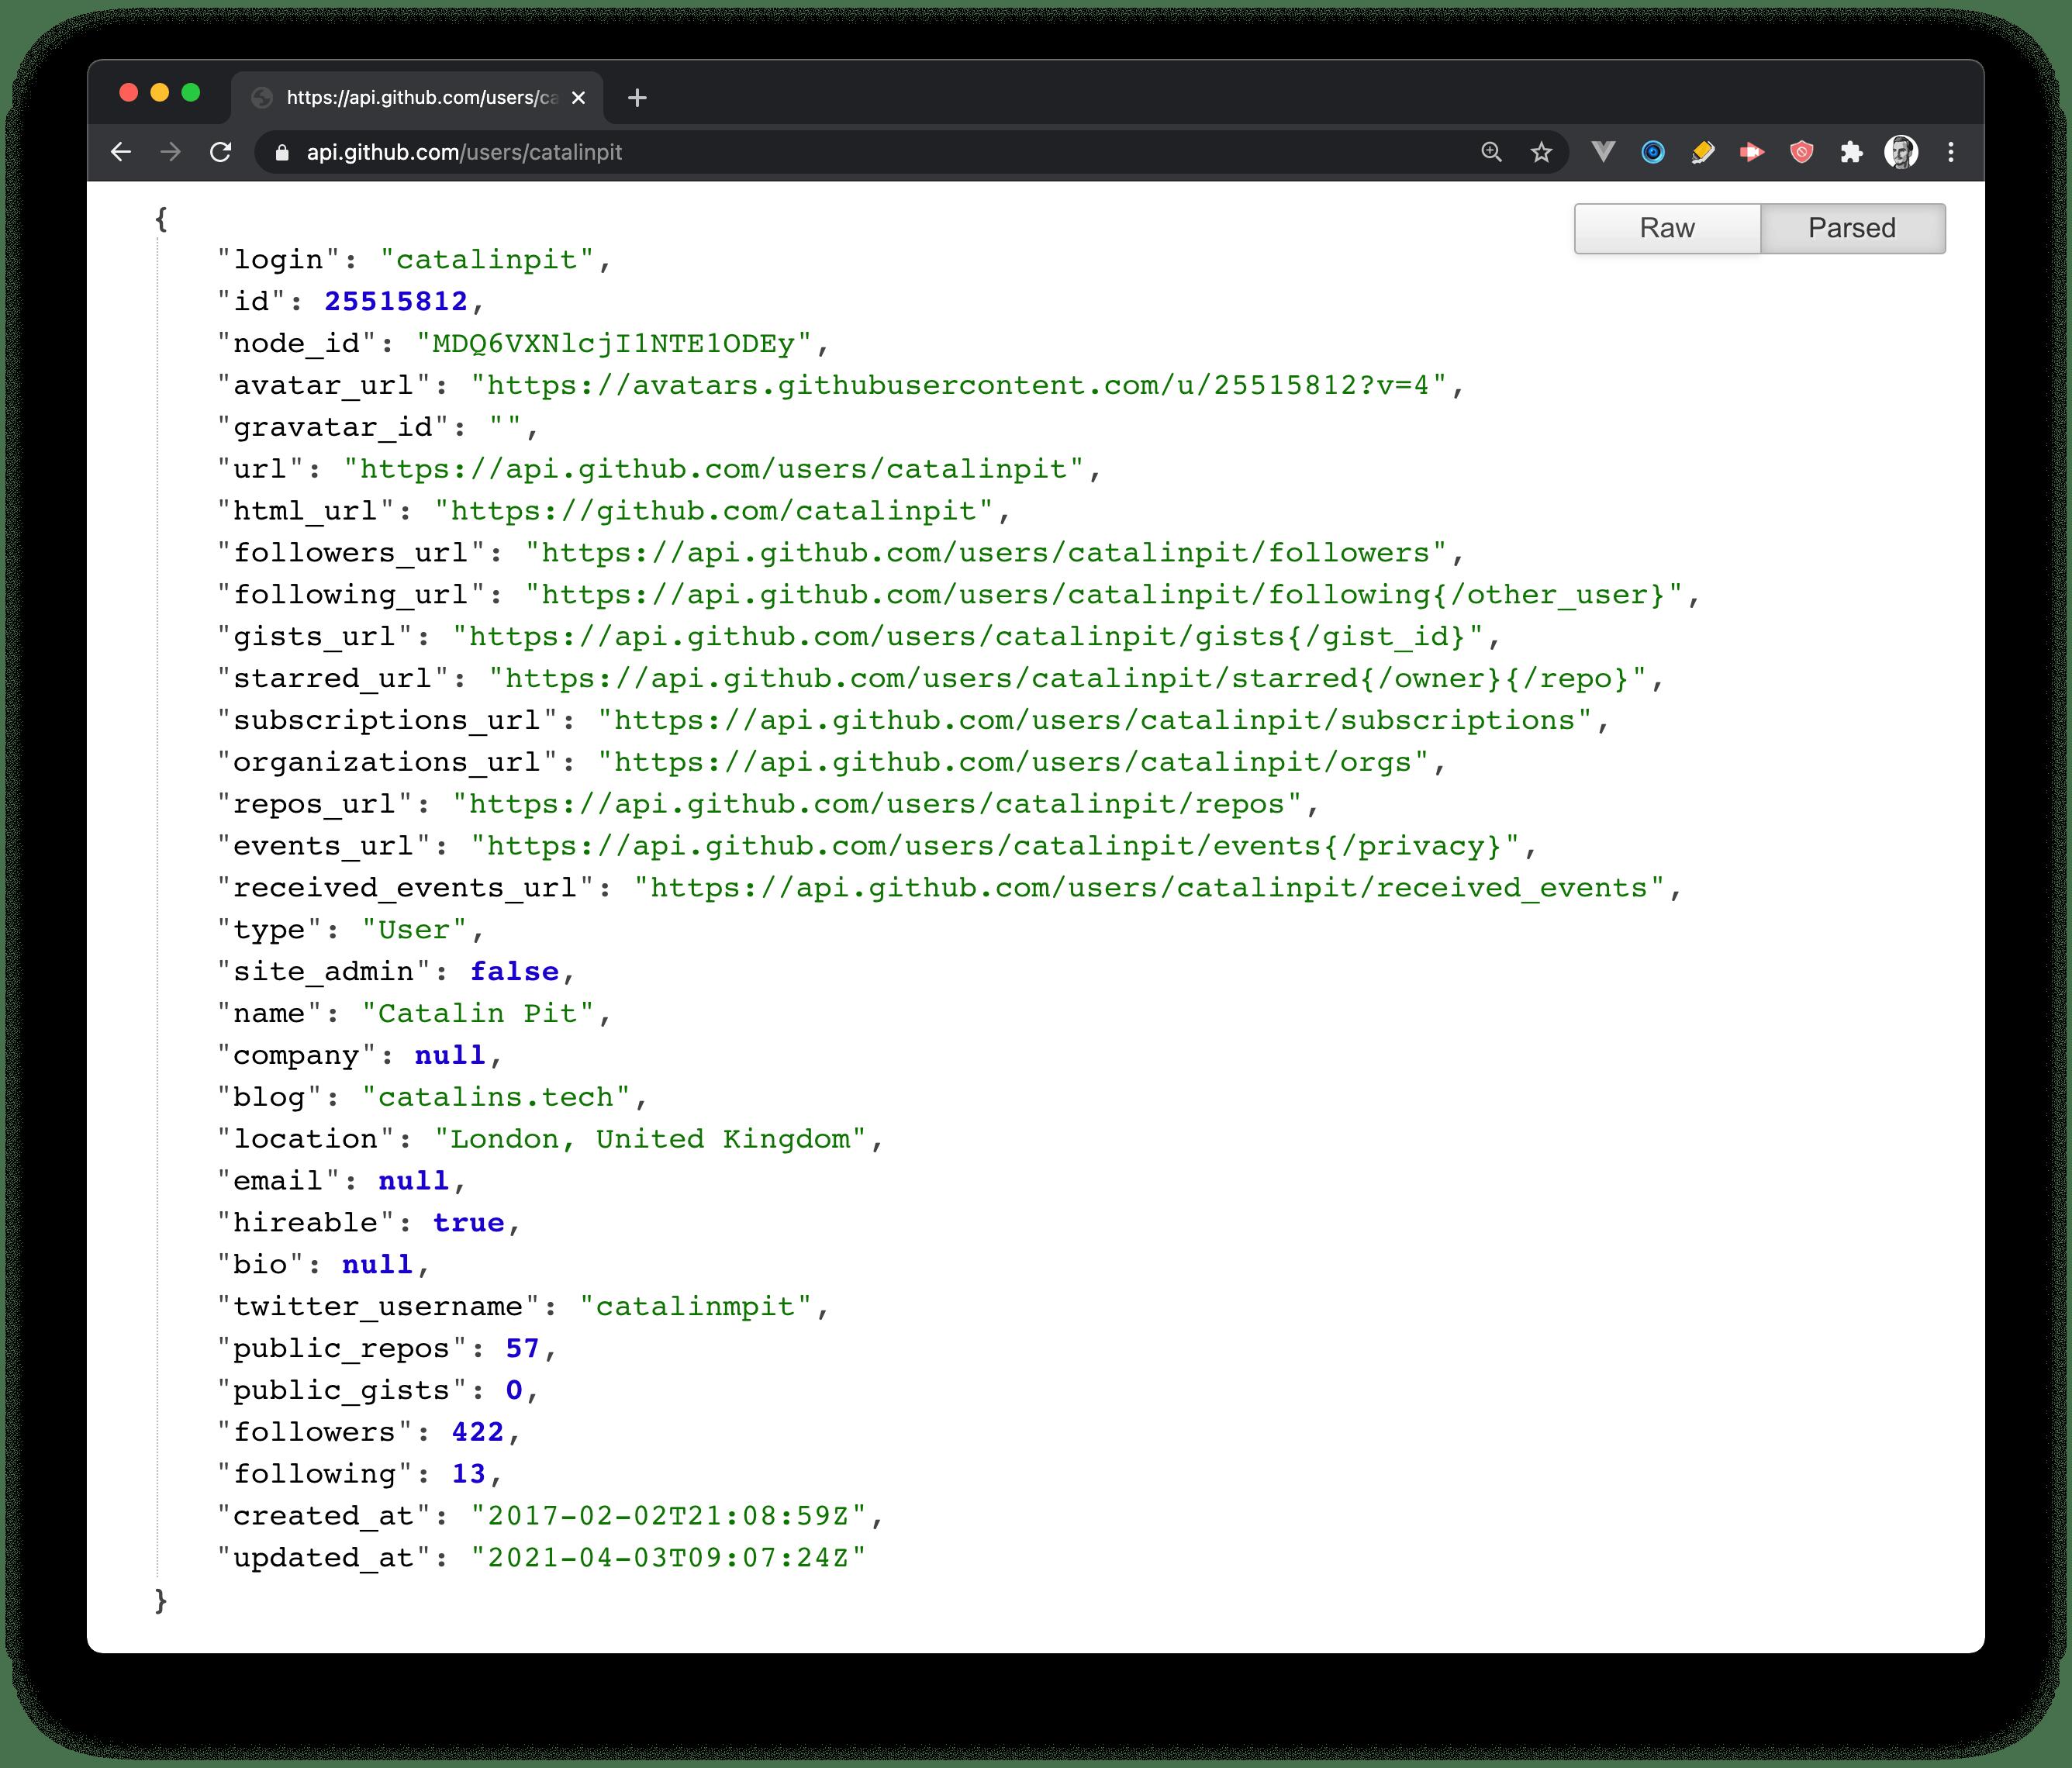 Screenshot 2021-04-03 at 13.17.34.png